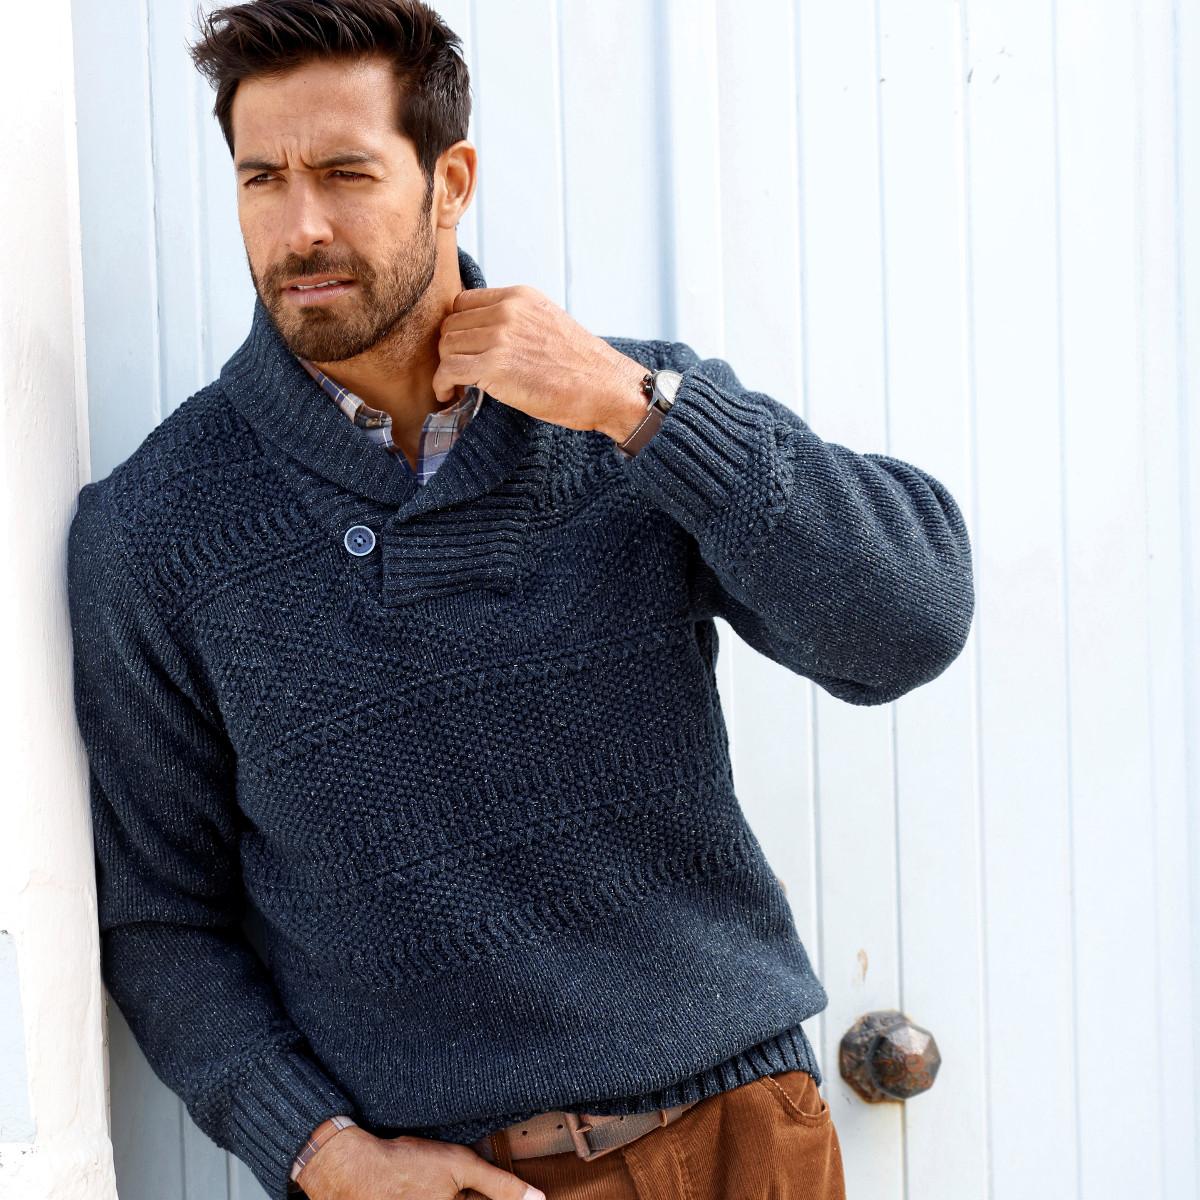 Pullover Strick Männer Mode Große Größen Plus Size Fashion Schalkragen mit Knopf